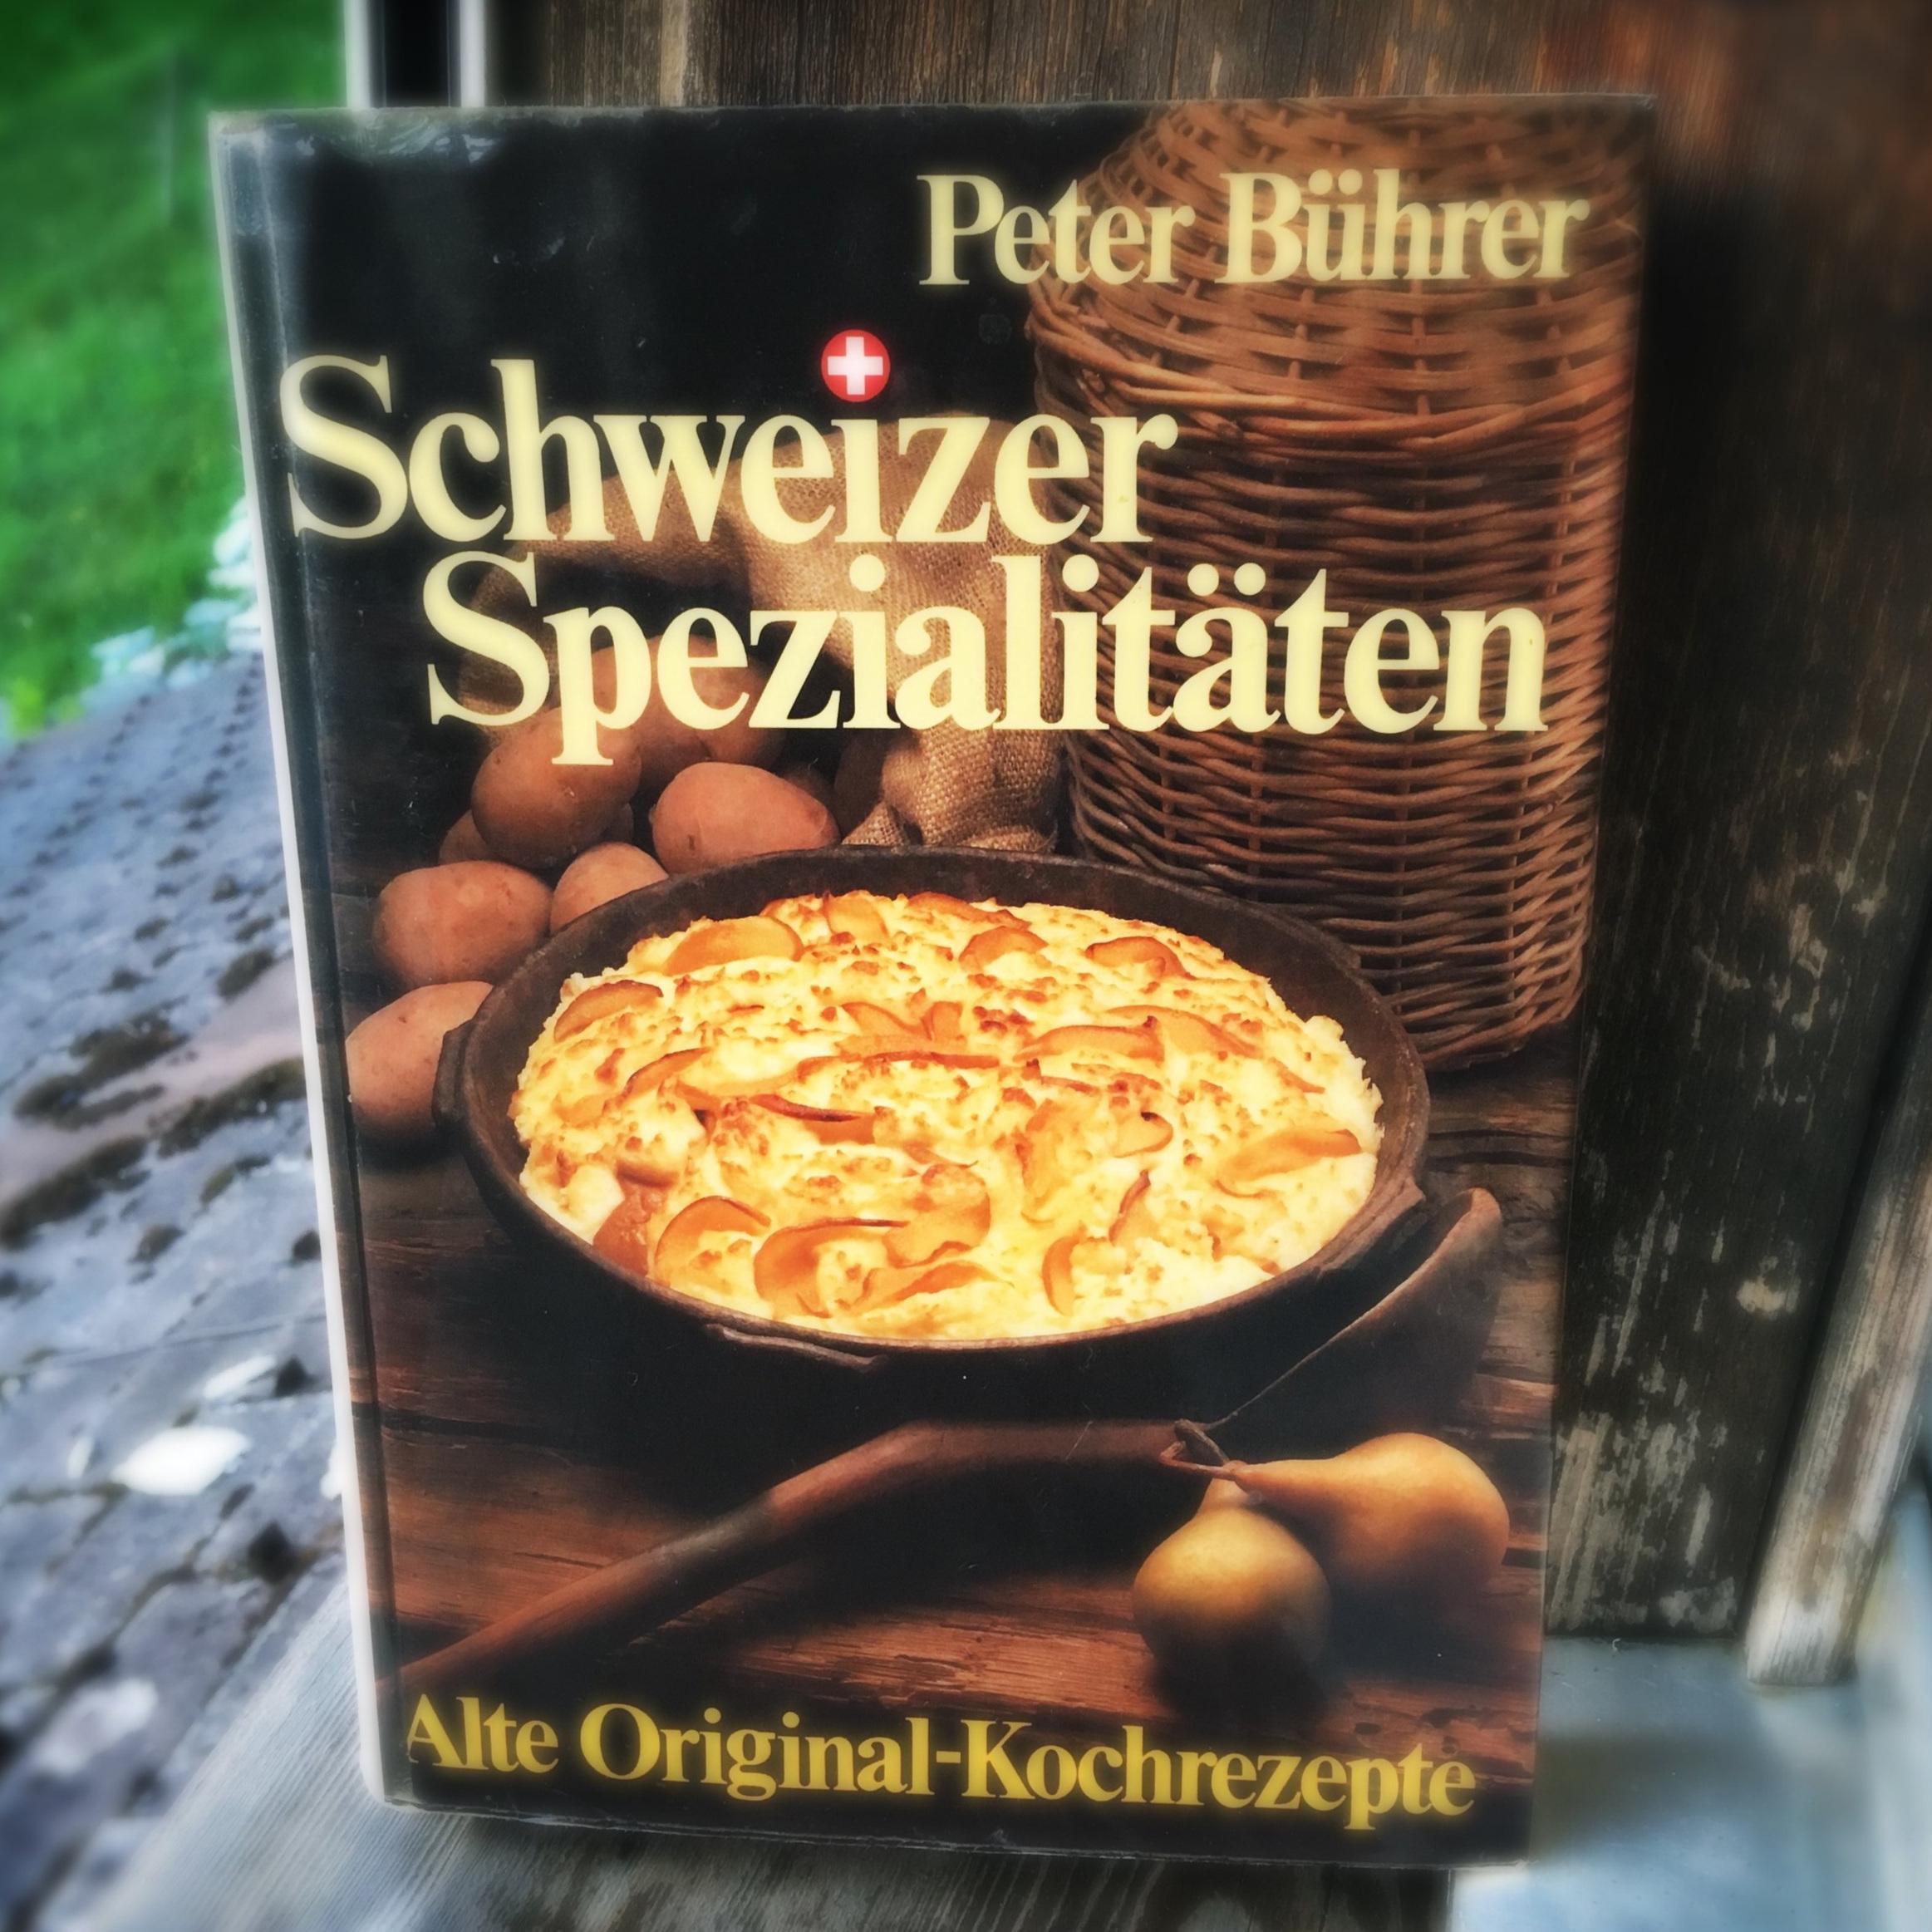 Schweizer Spezialitäten Peter Bührer